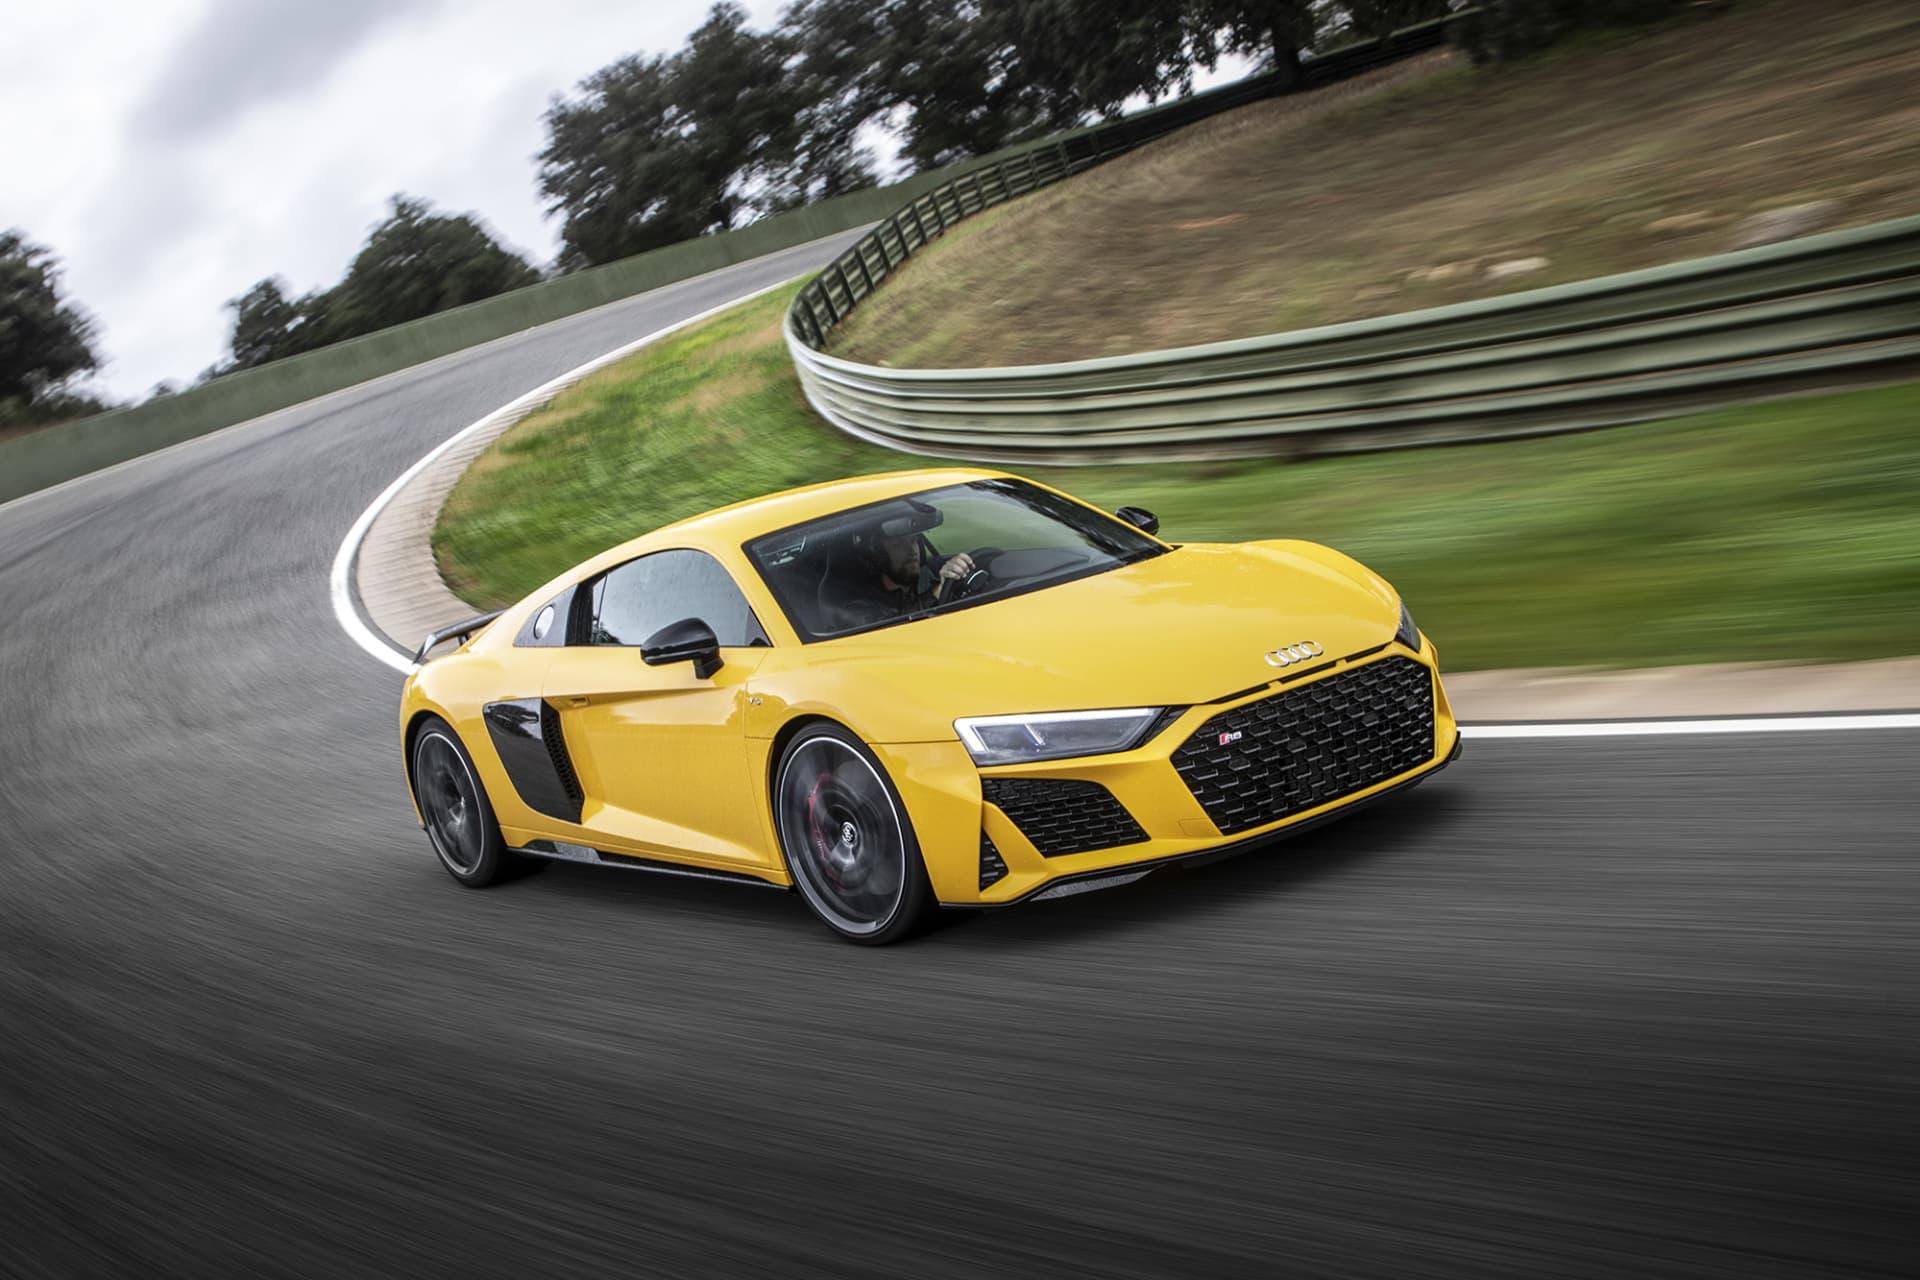 Audi R8 är helt klart en supersportbil som får mitt hjärta att slå hårdare. Jag föredra personligen spyderversionen där man får full tillgång till soundtracket från den tjuvliga V10-motorn (foto: Ingo Barenschee).